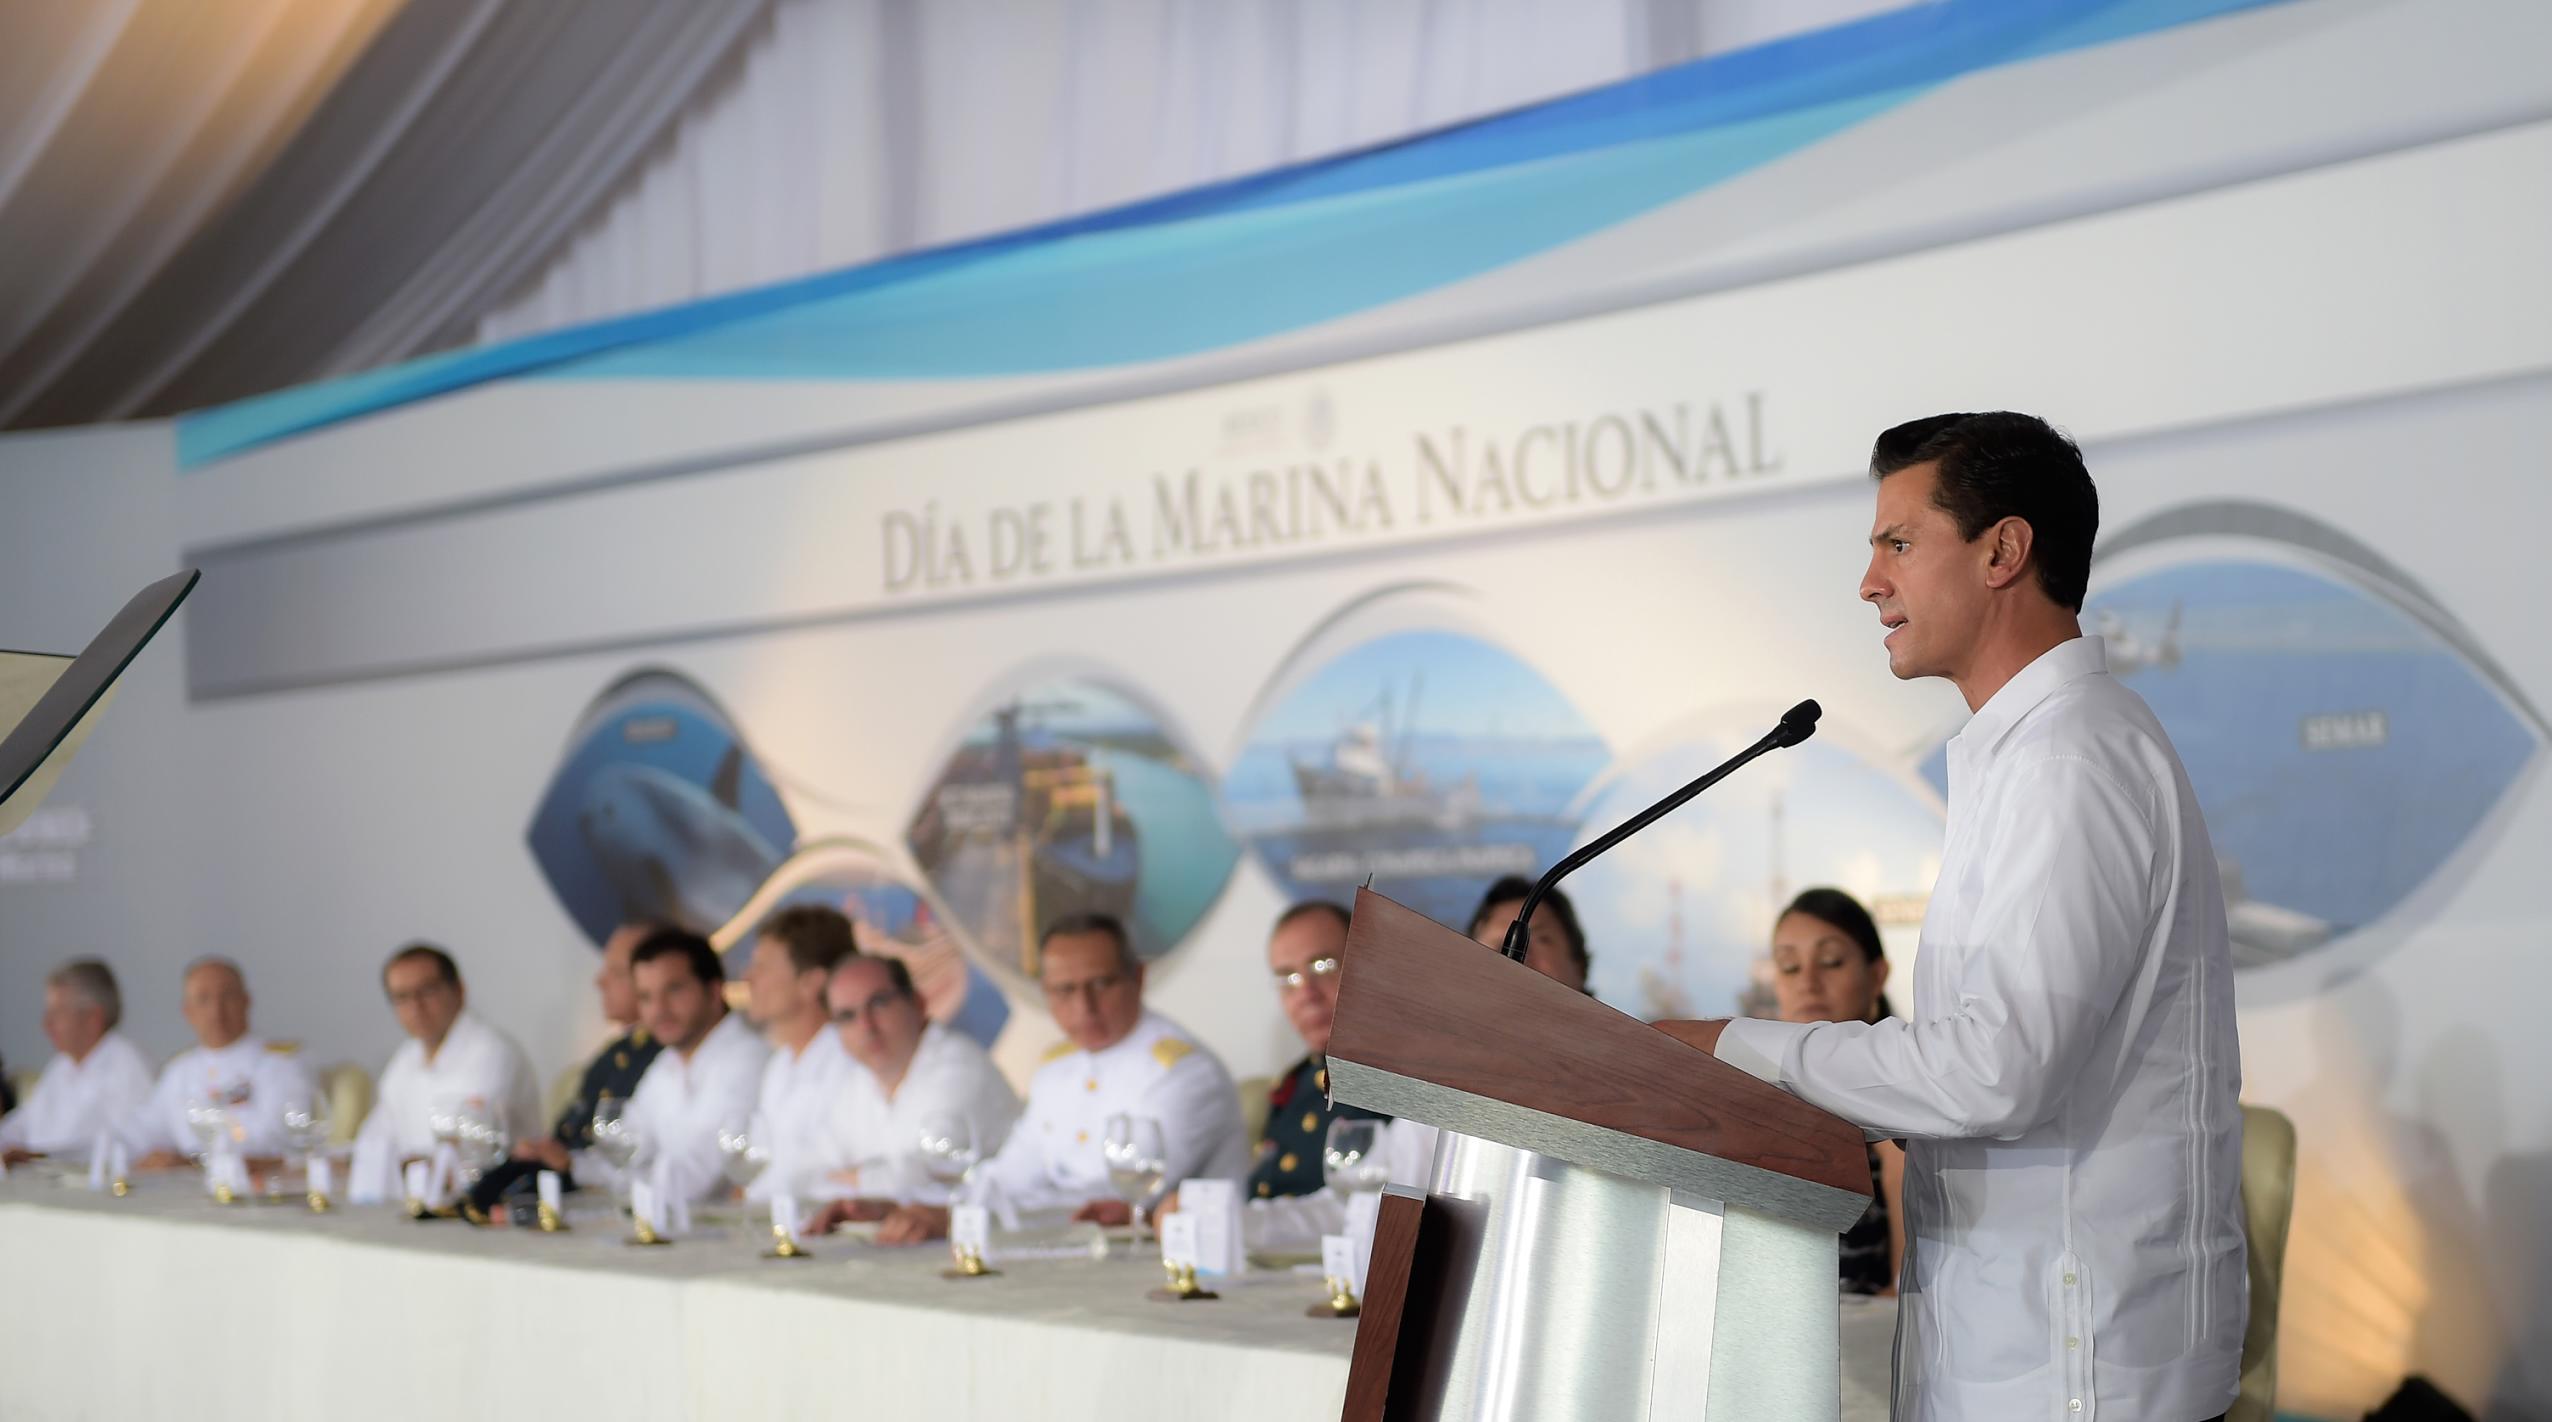 El Primer Mandatario durante su discurso en la celebración del Día de la Marina Nacional.